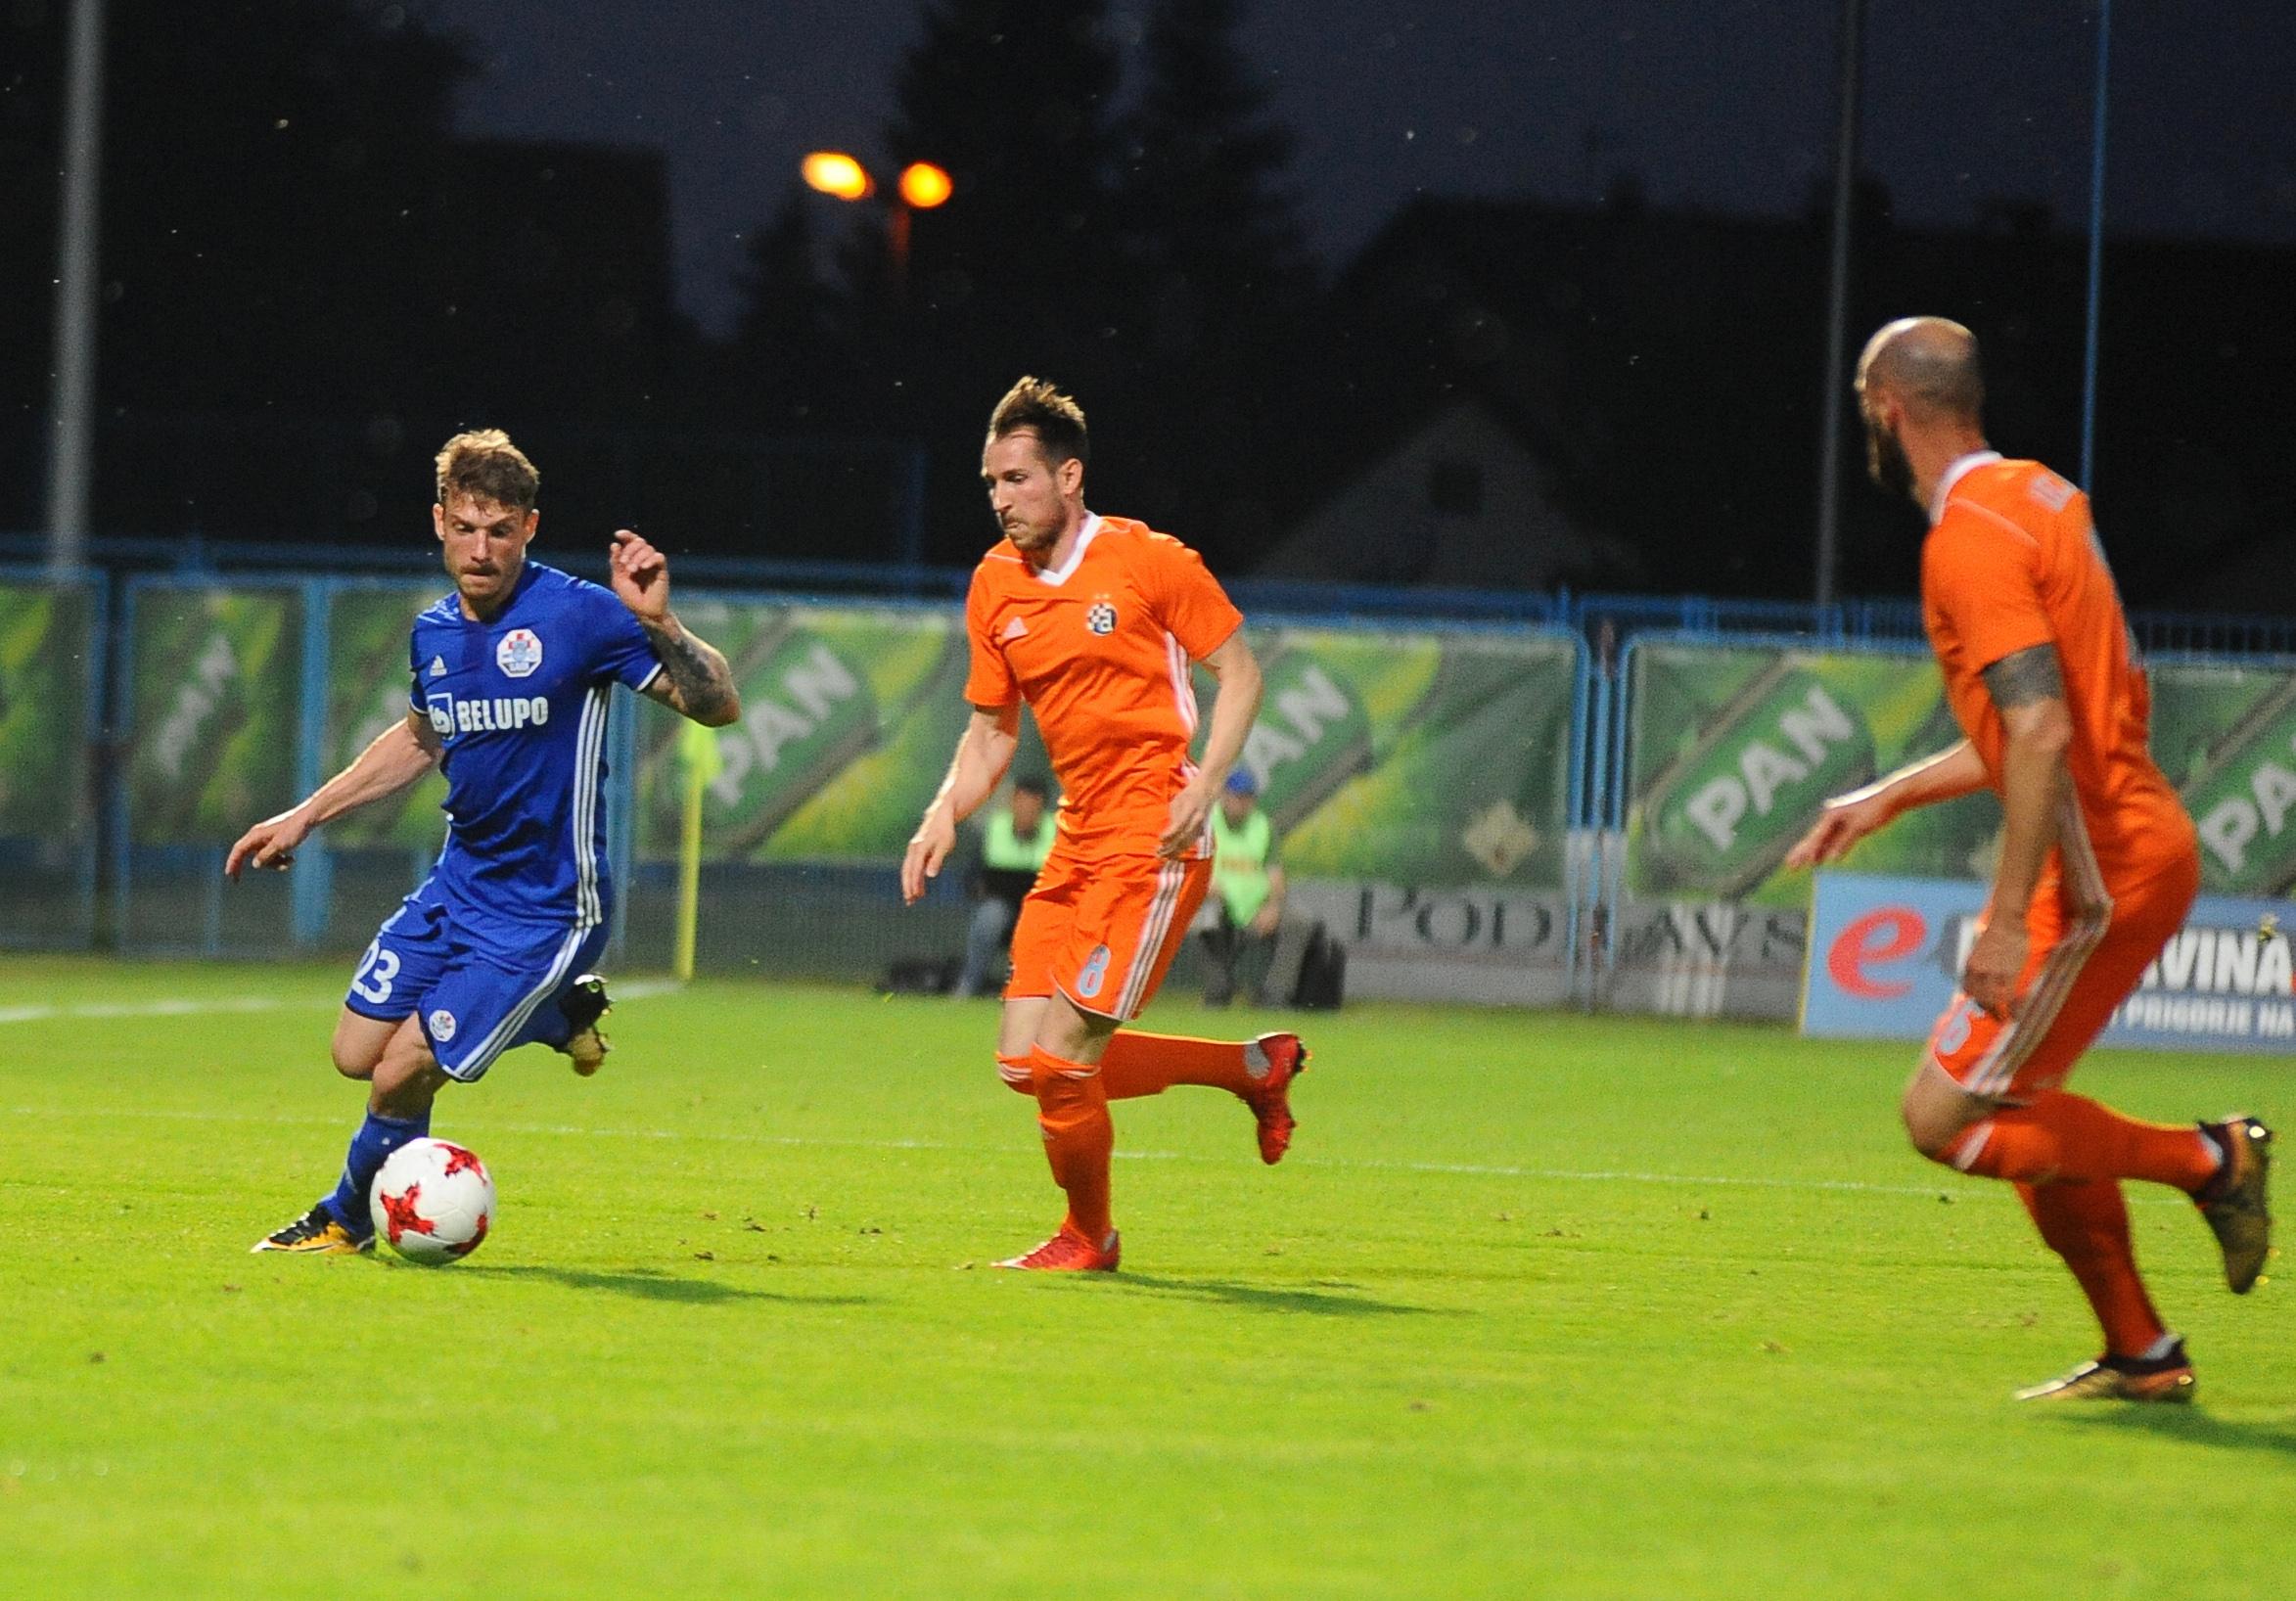 Prva HNL: Slaven Belupo – Dinamo 2-2